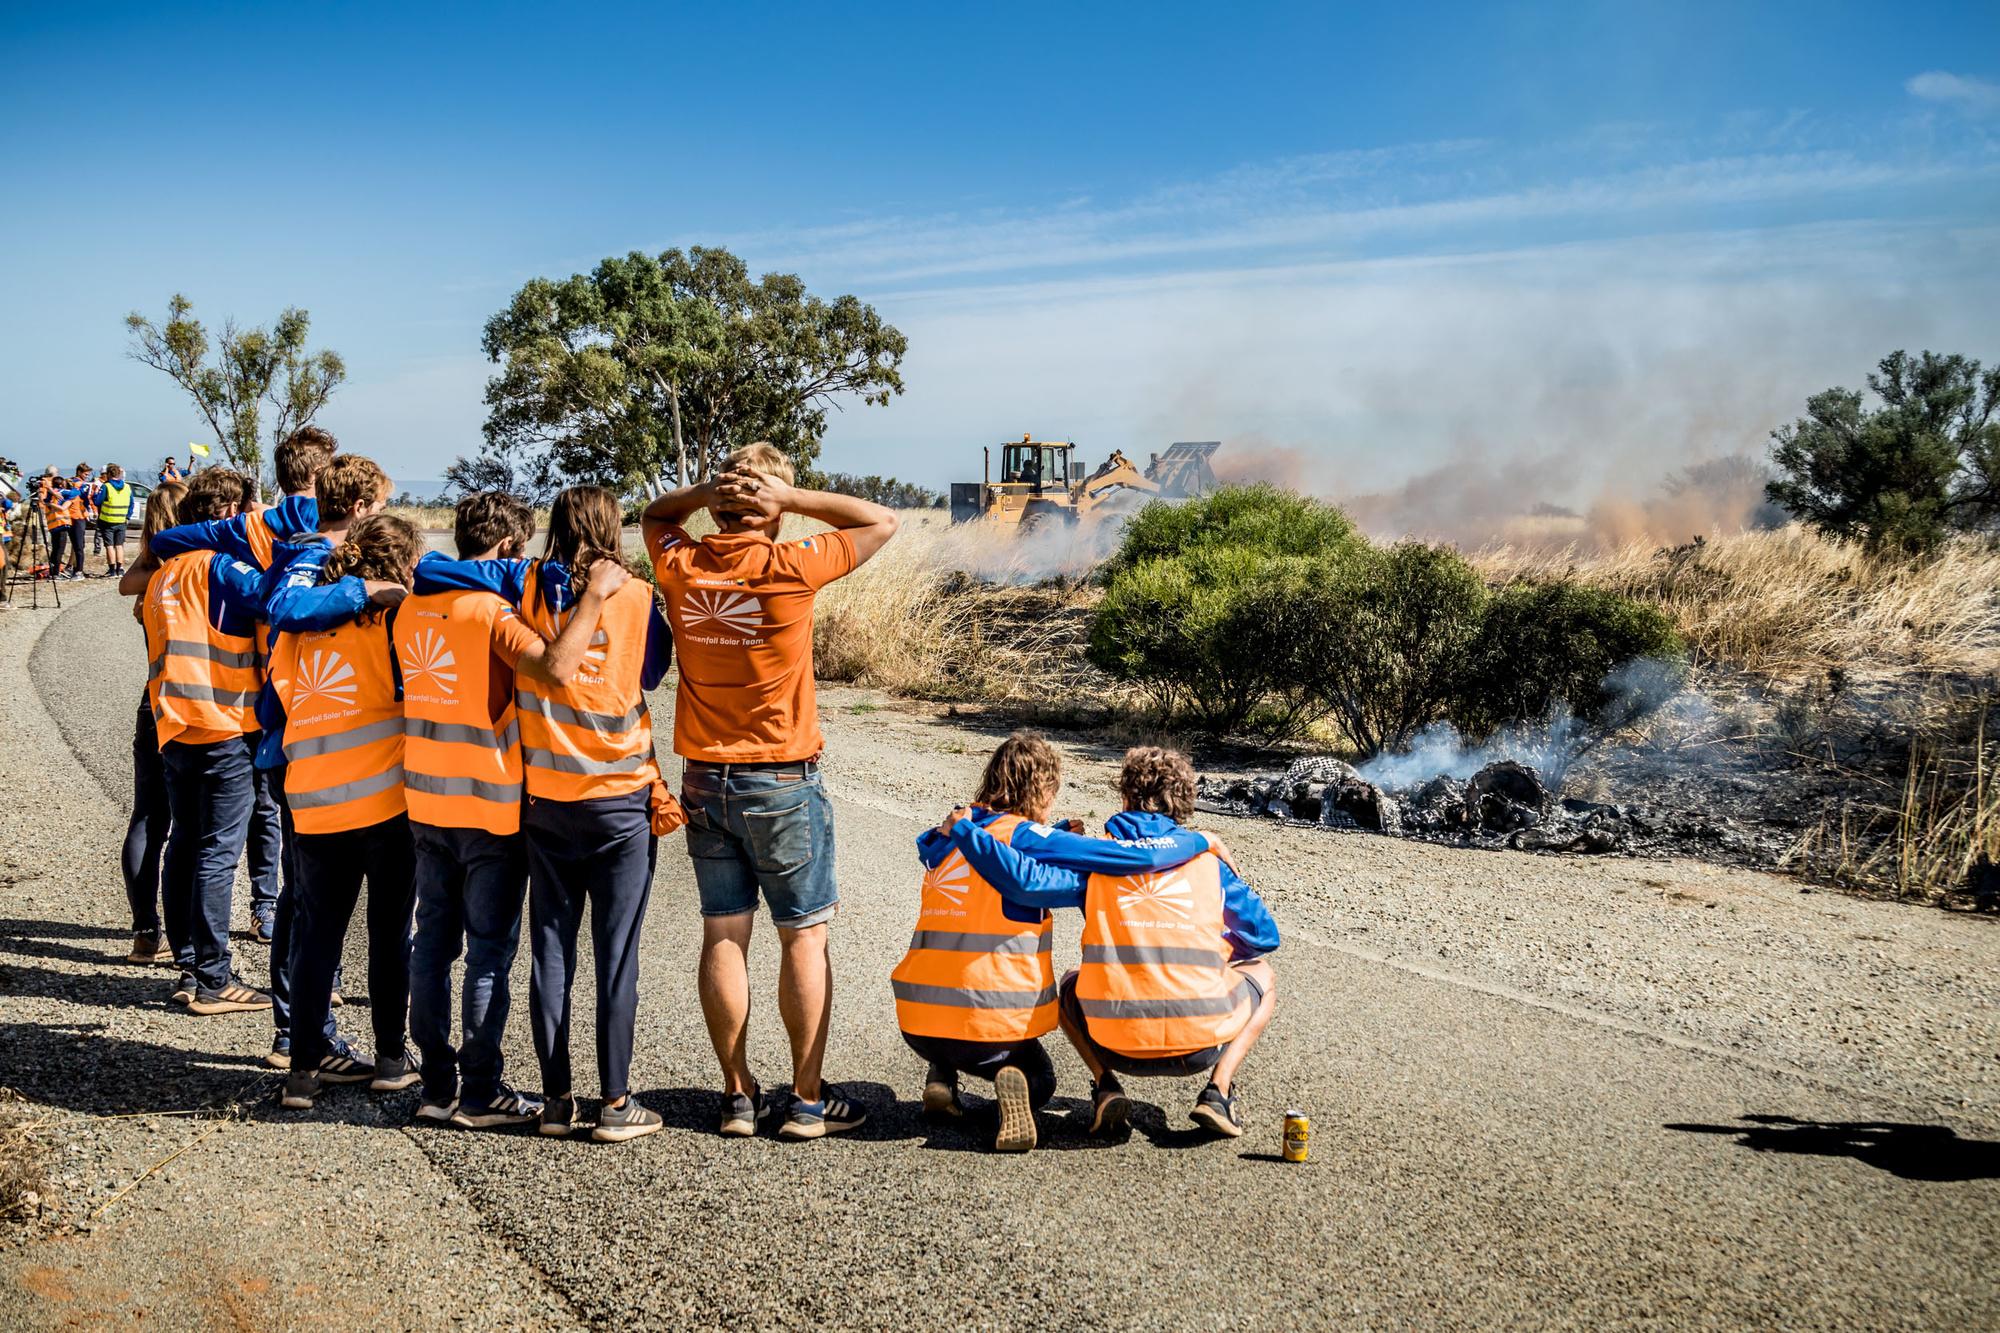 La voiture solaire de l'équipe de TU Delft s'est embrasée lors de l'étape finale du World Solar Challenge. Il n'en subsista que la plaque minéralogique et l'une ou l'autre cellule solaire. Le reste n'était plus qu'un petit tas de cendres de carbone., Jorrit Lousberg